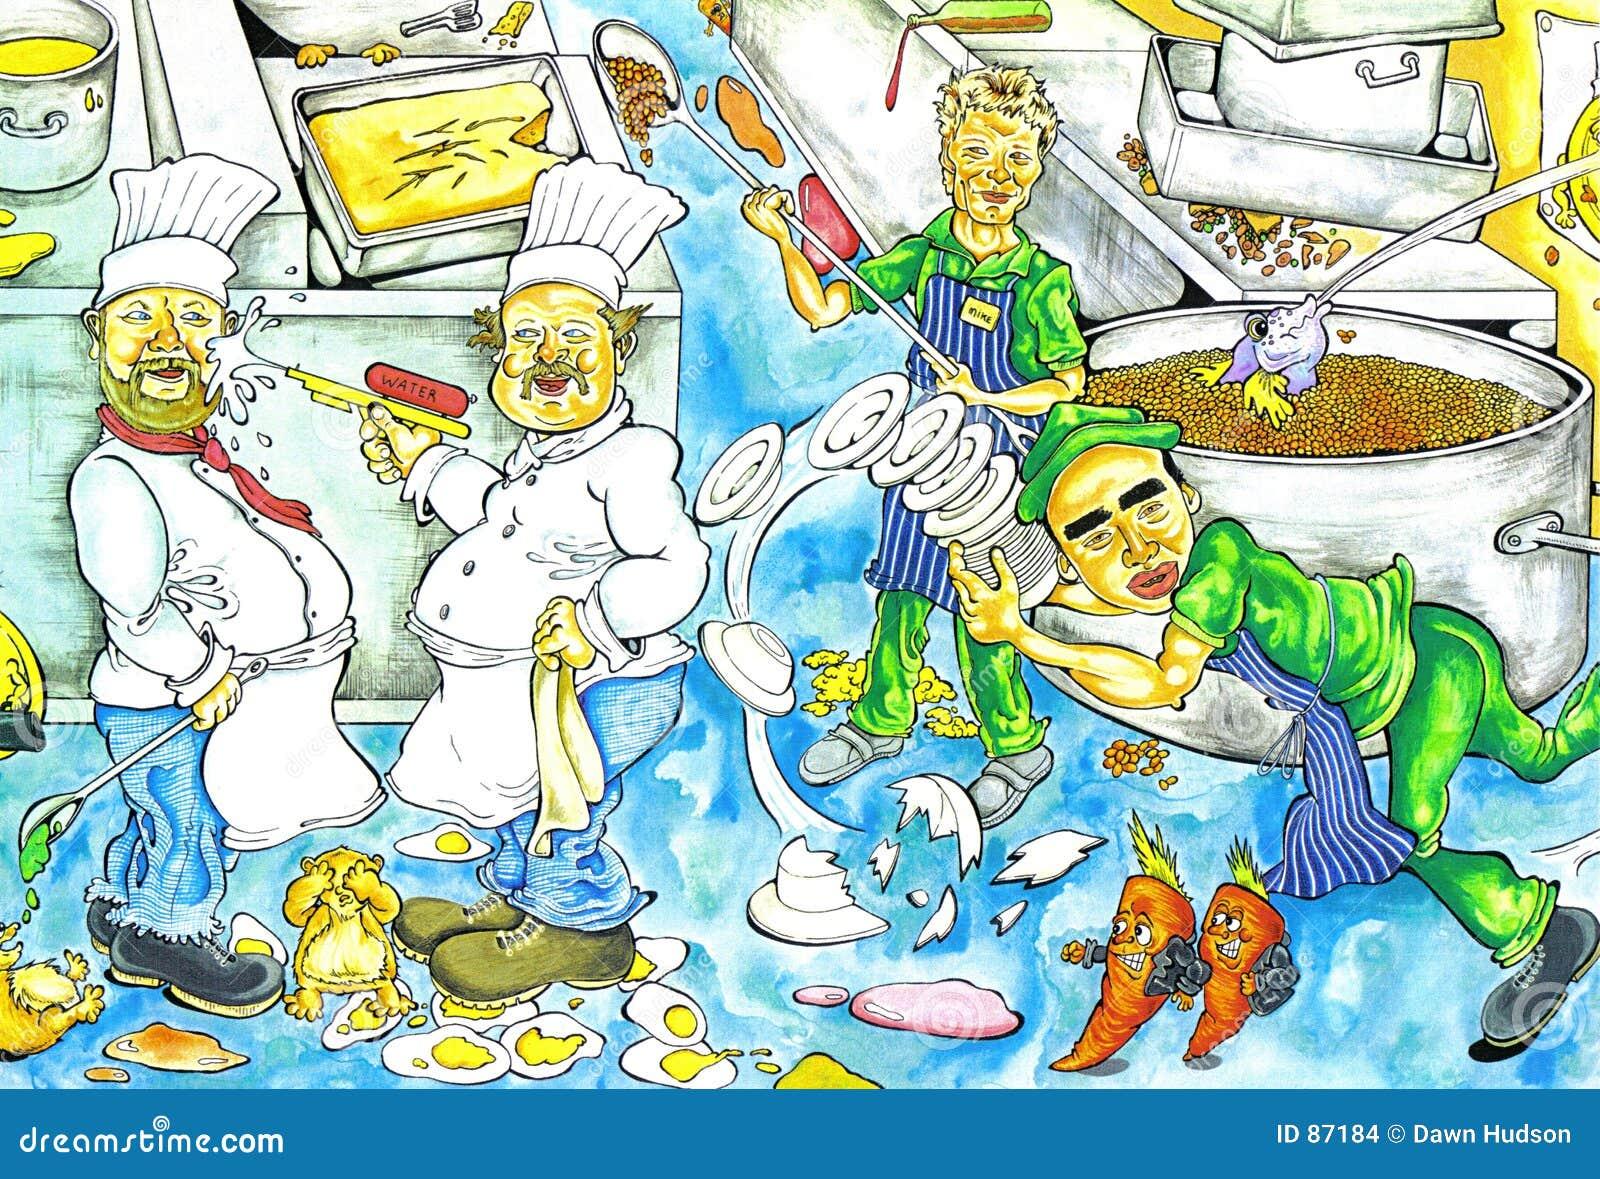 Chaos In Der Kuche Comic Arbeitsplatz Chaos Comic Daredevz In Der